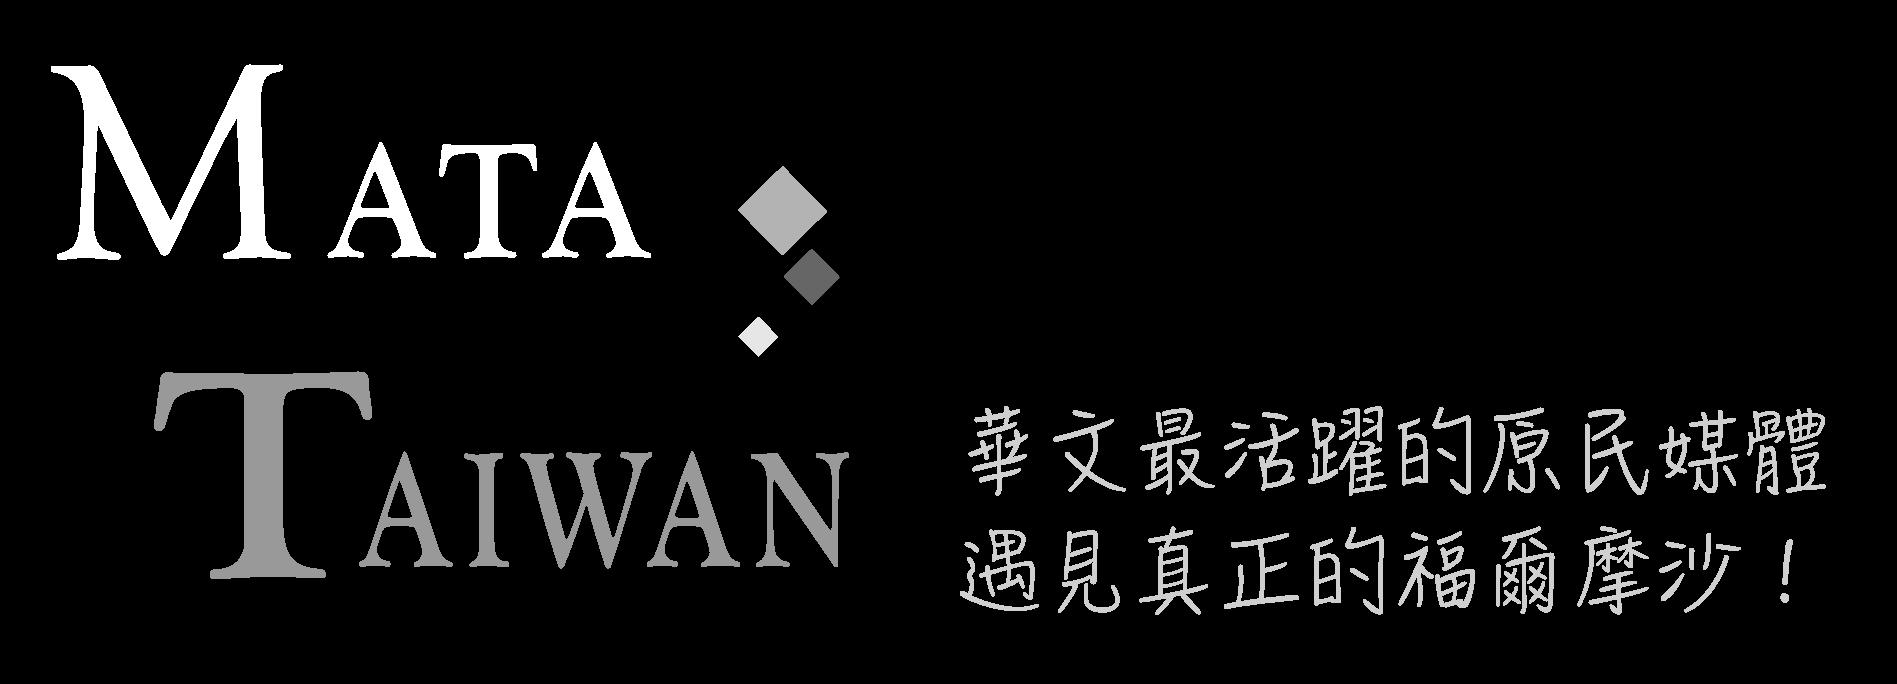 Mata Taiwan